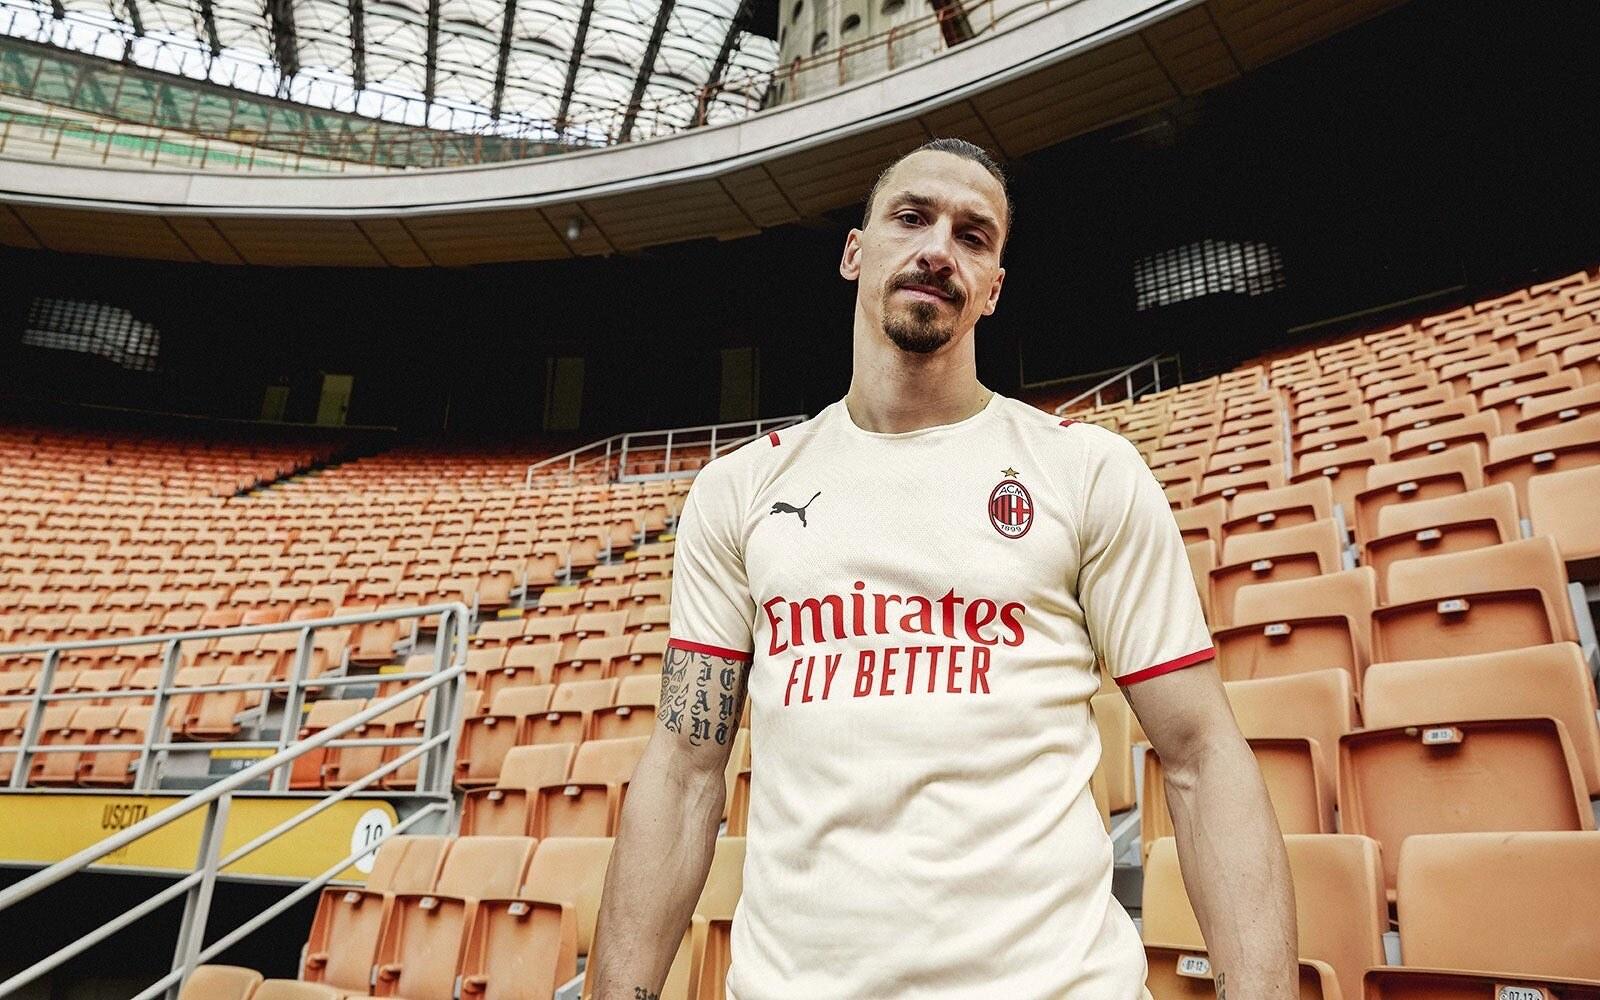 AC Milan x PUMA Away Kit Stagione 2021-22